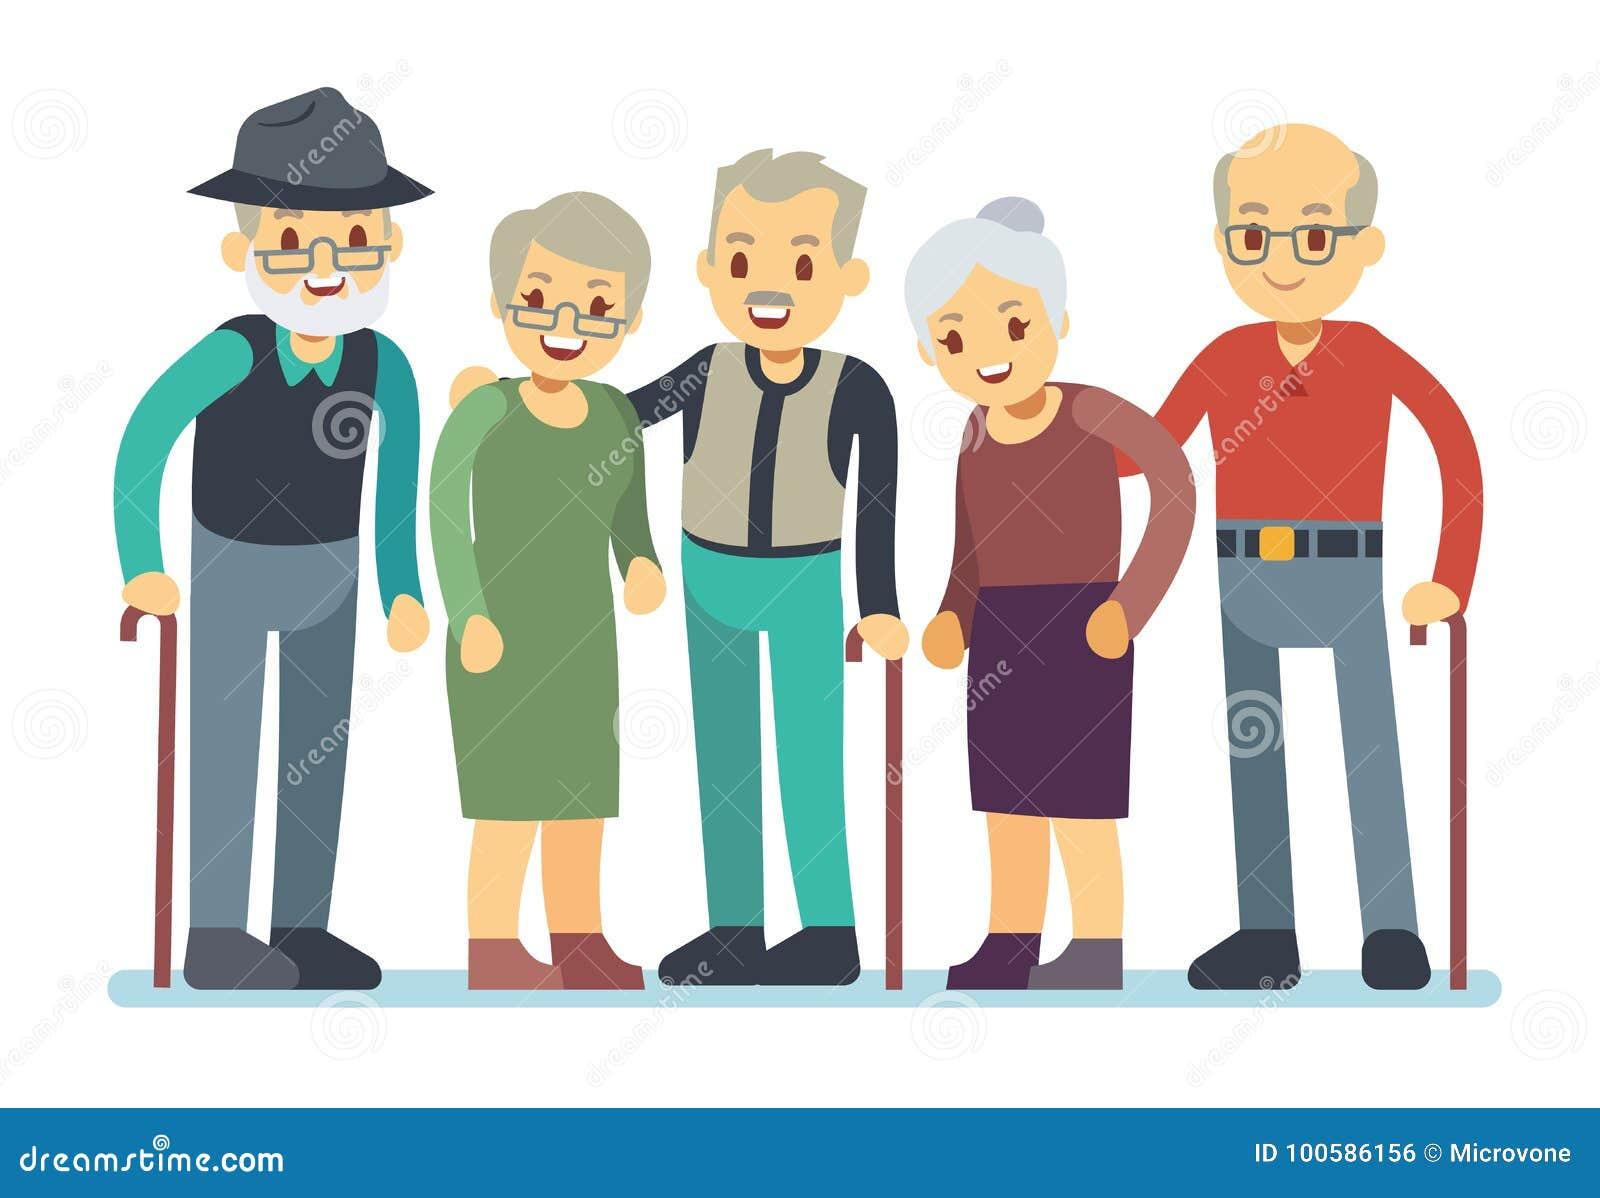 Grupo De Personas Mayores De Los Personajes De Dibujos